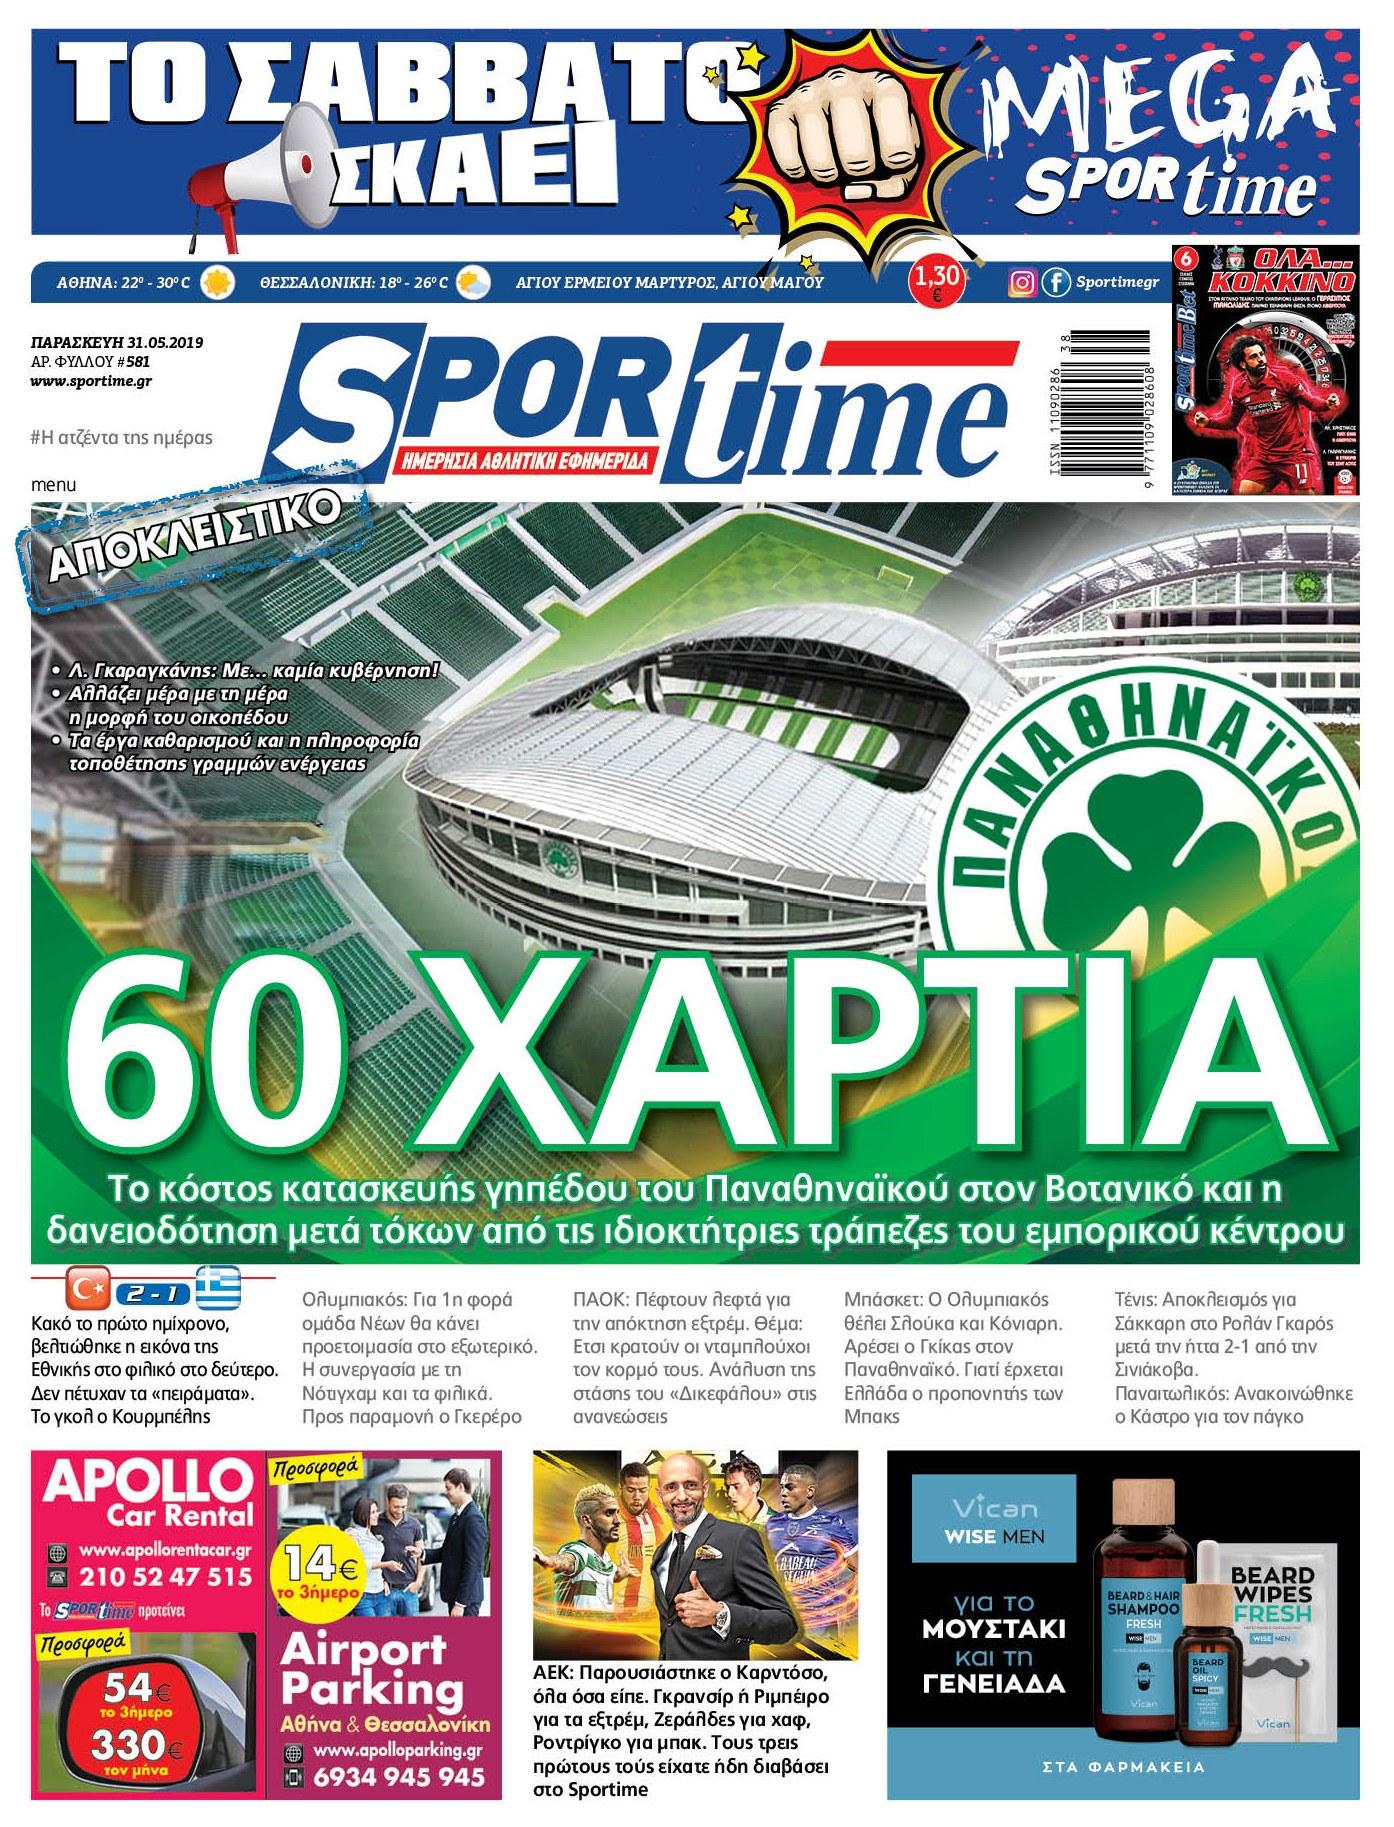 Εφημερίδα SPORTIME - Εξώφυλλο φύλλου 31/5/2019